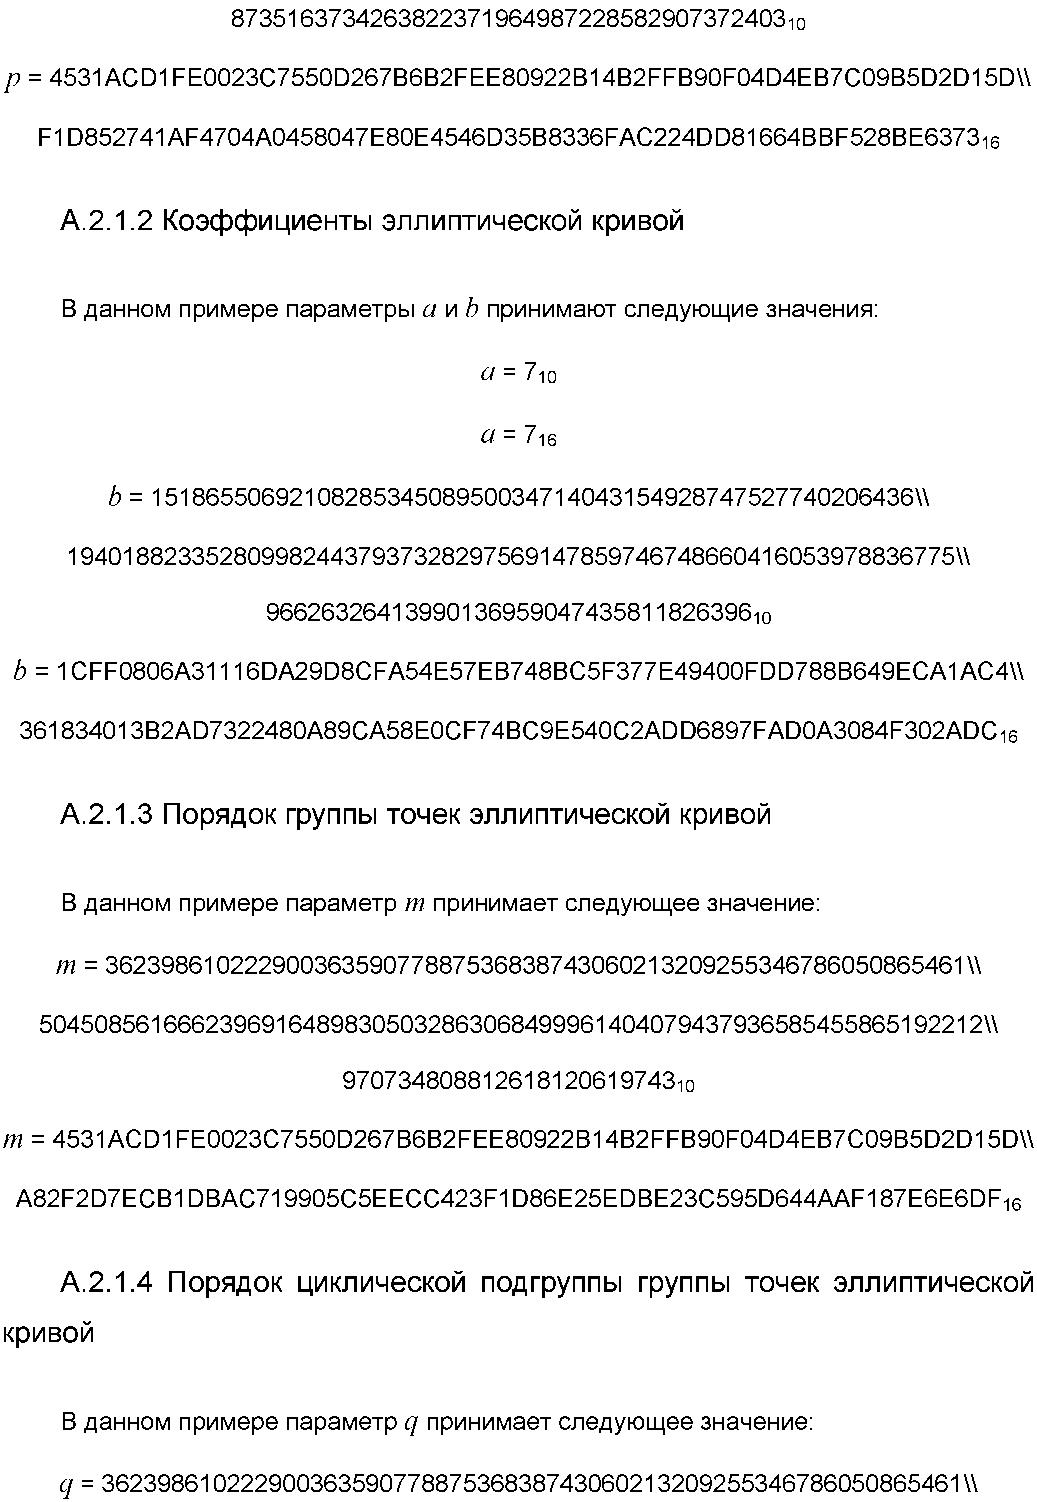 генерация эцп схема